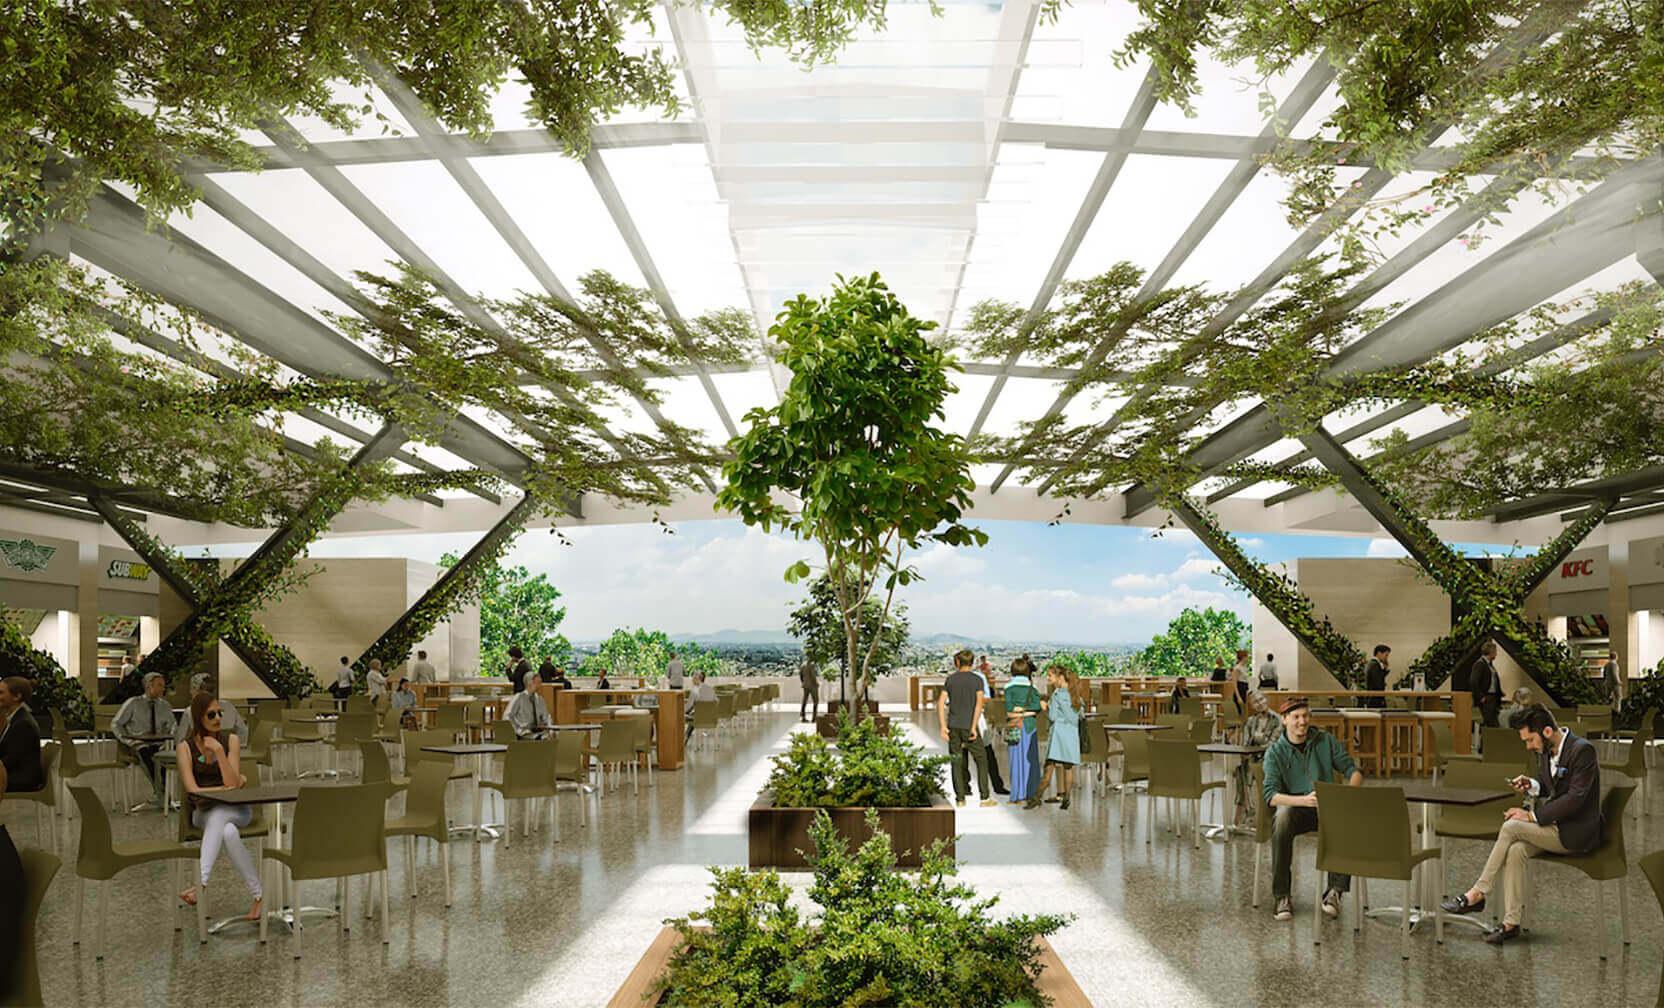 Interiores iluminados nutren la oferta del centro comercial.